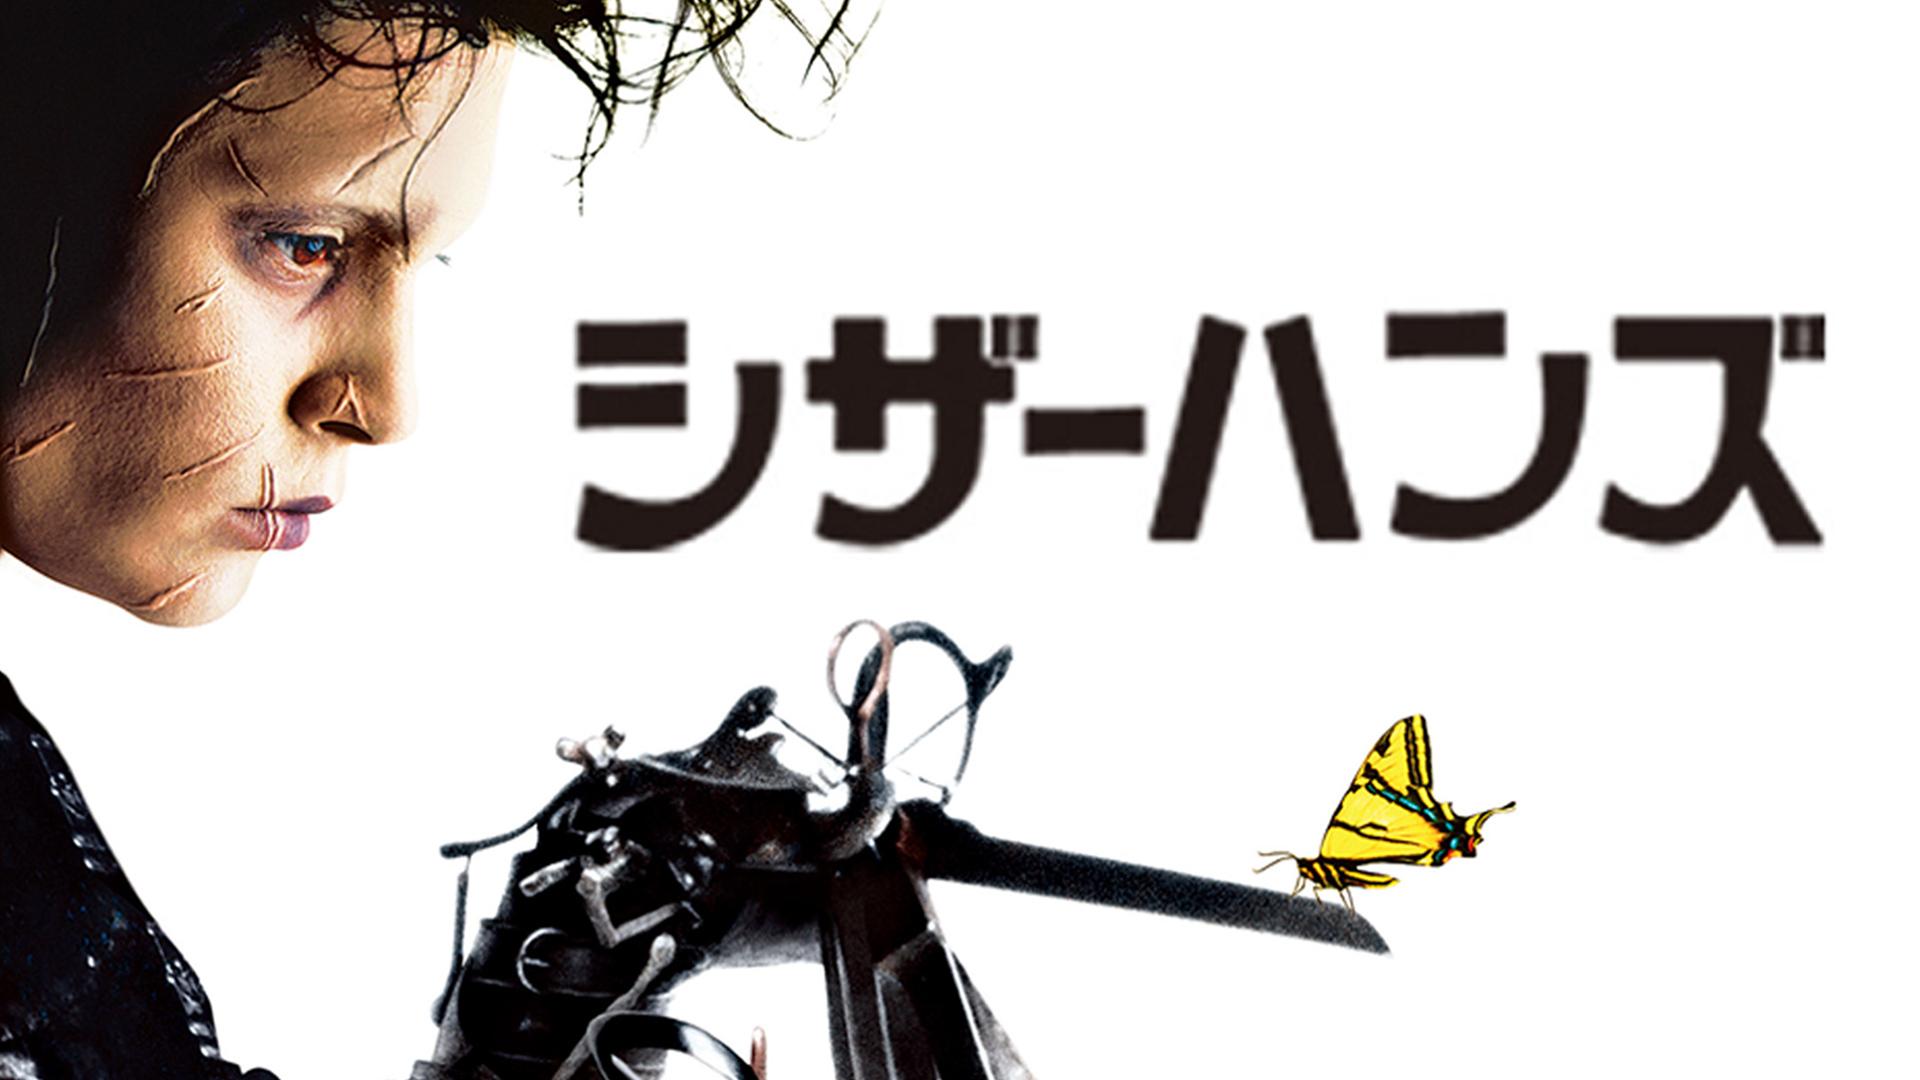 シザーハンズ (字幕版)